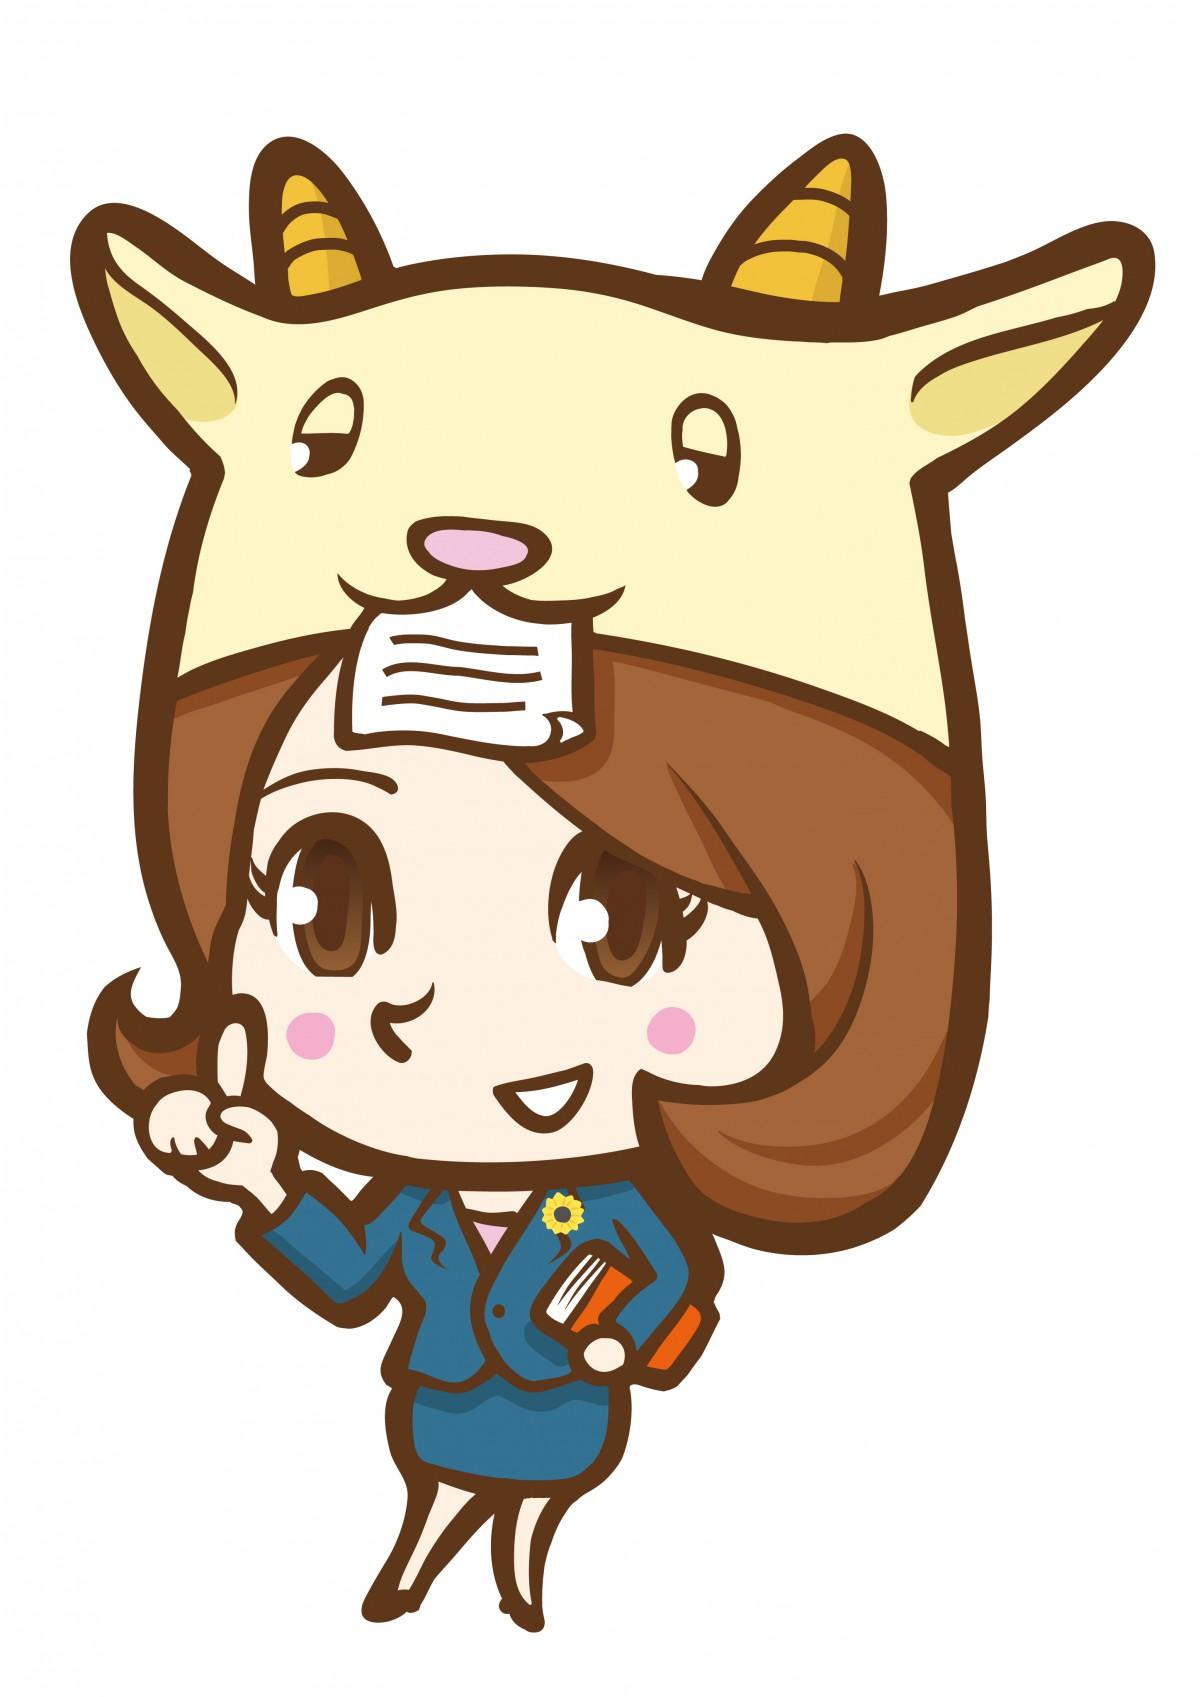 社労士事務所女性キャラクターデザイン